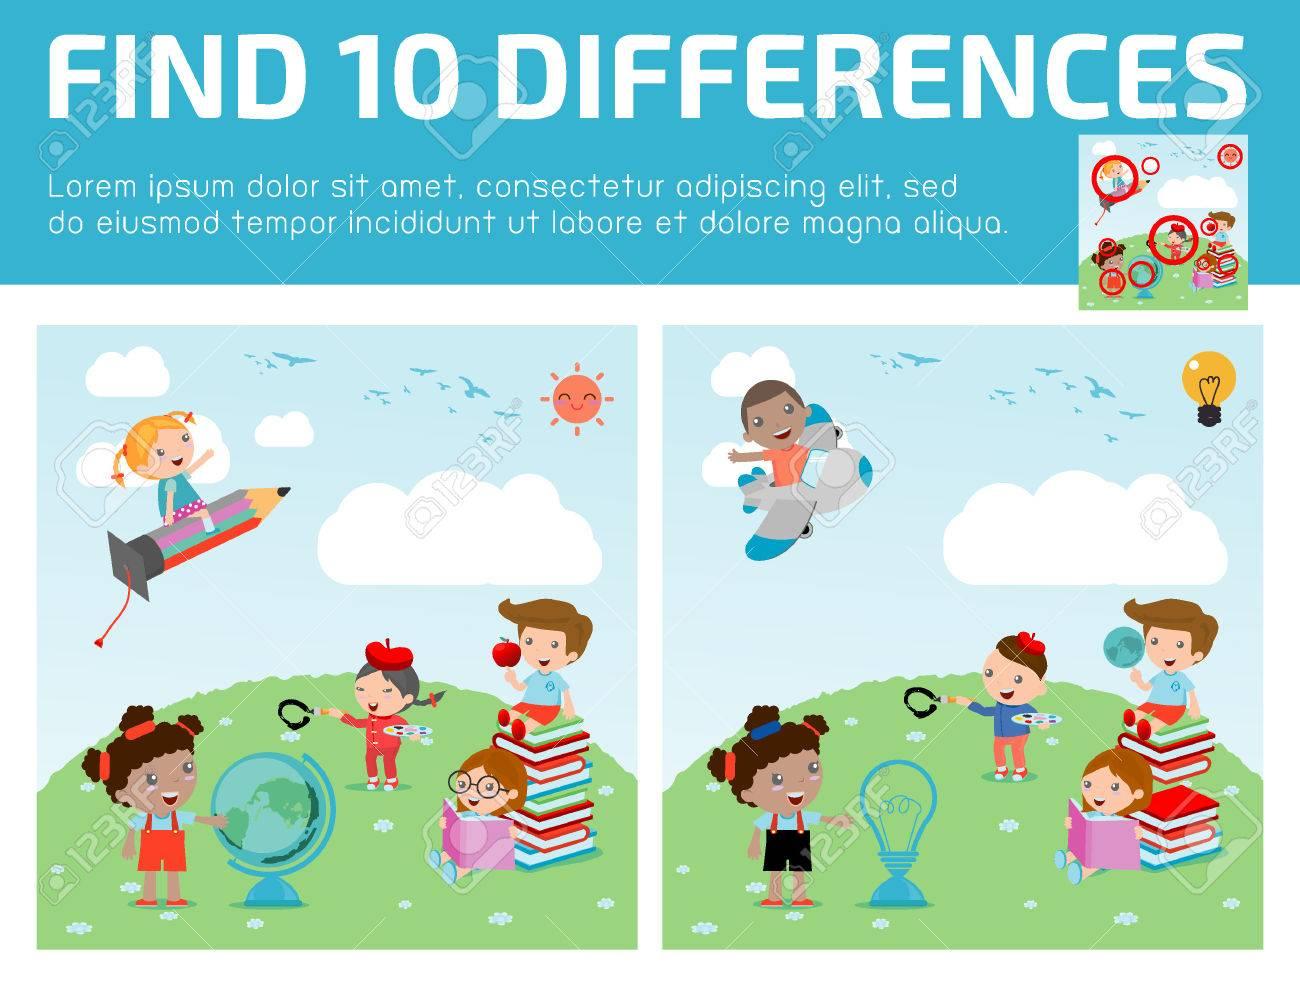 Trouver Des Différences, Jeux Pour Les Enfants, Trouver Des Différences,  Des Jeux De Cerveau, Les Enfants, Jeu Éducatif Pour Les Enfants D'âge avec Trouver La Différence